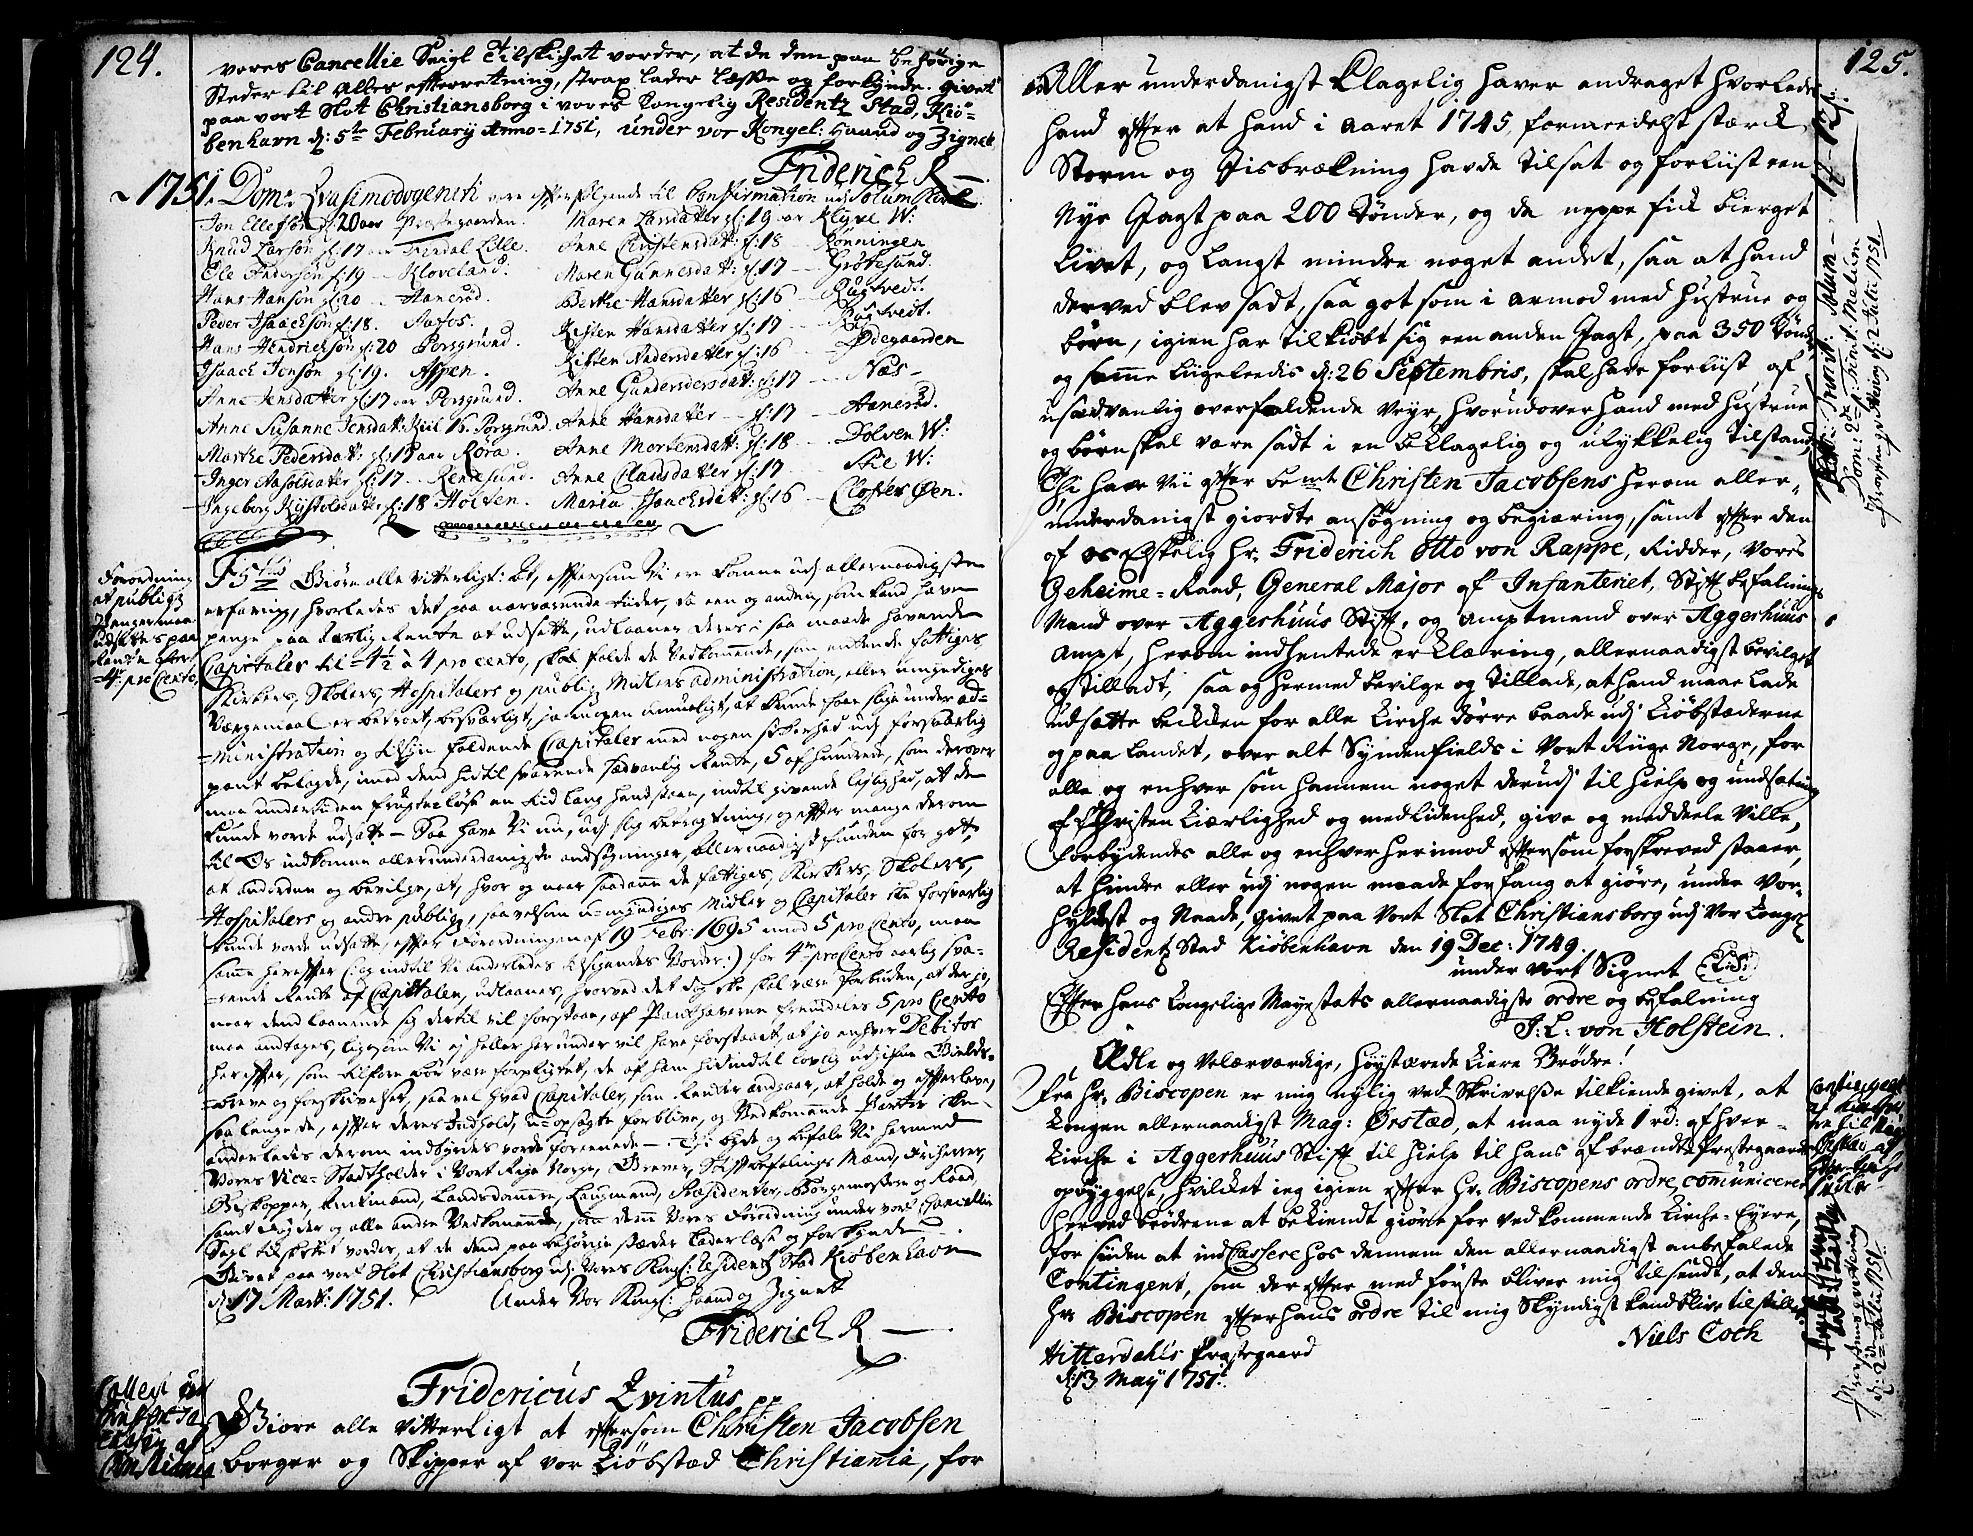 SAKO, Solum kirkebøker, Annen kirkebok nr. ?, 1743-1791, s. 124-125